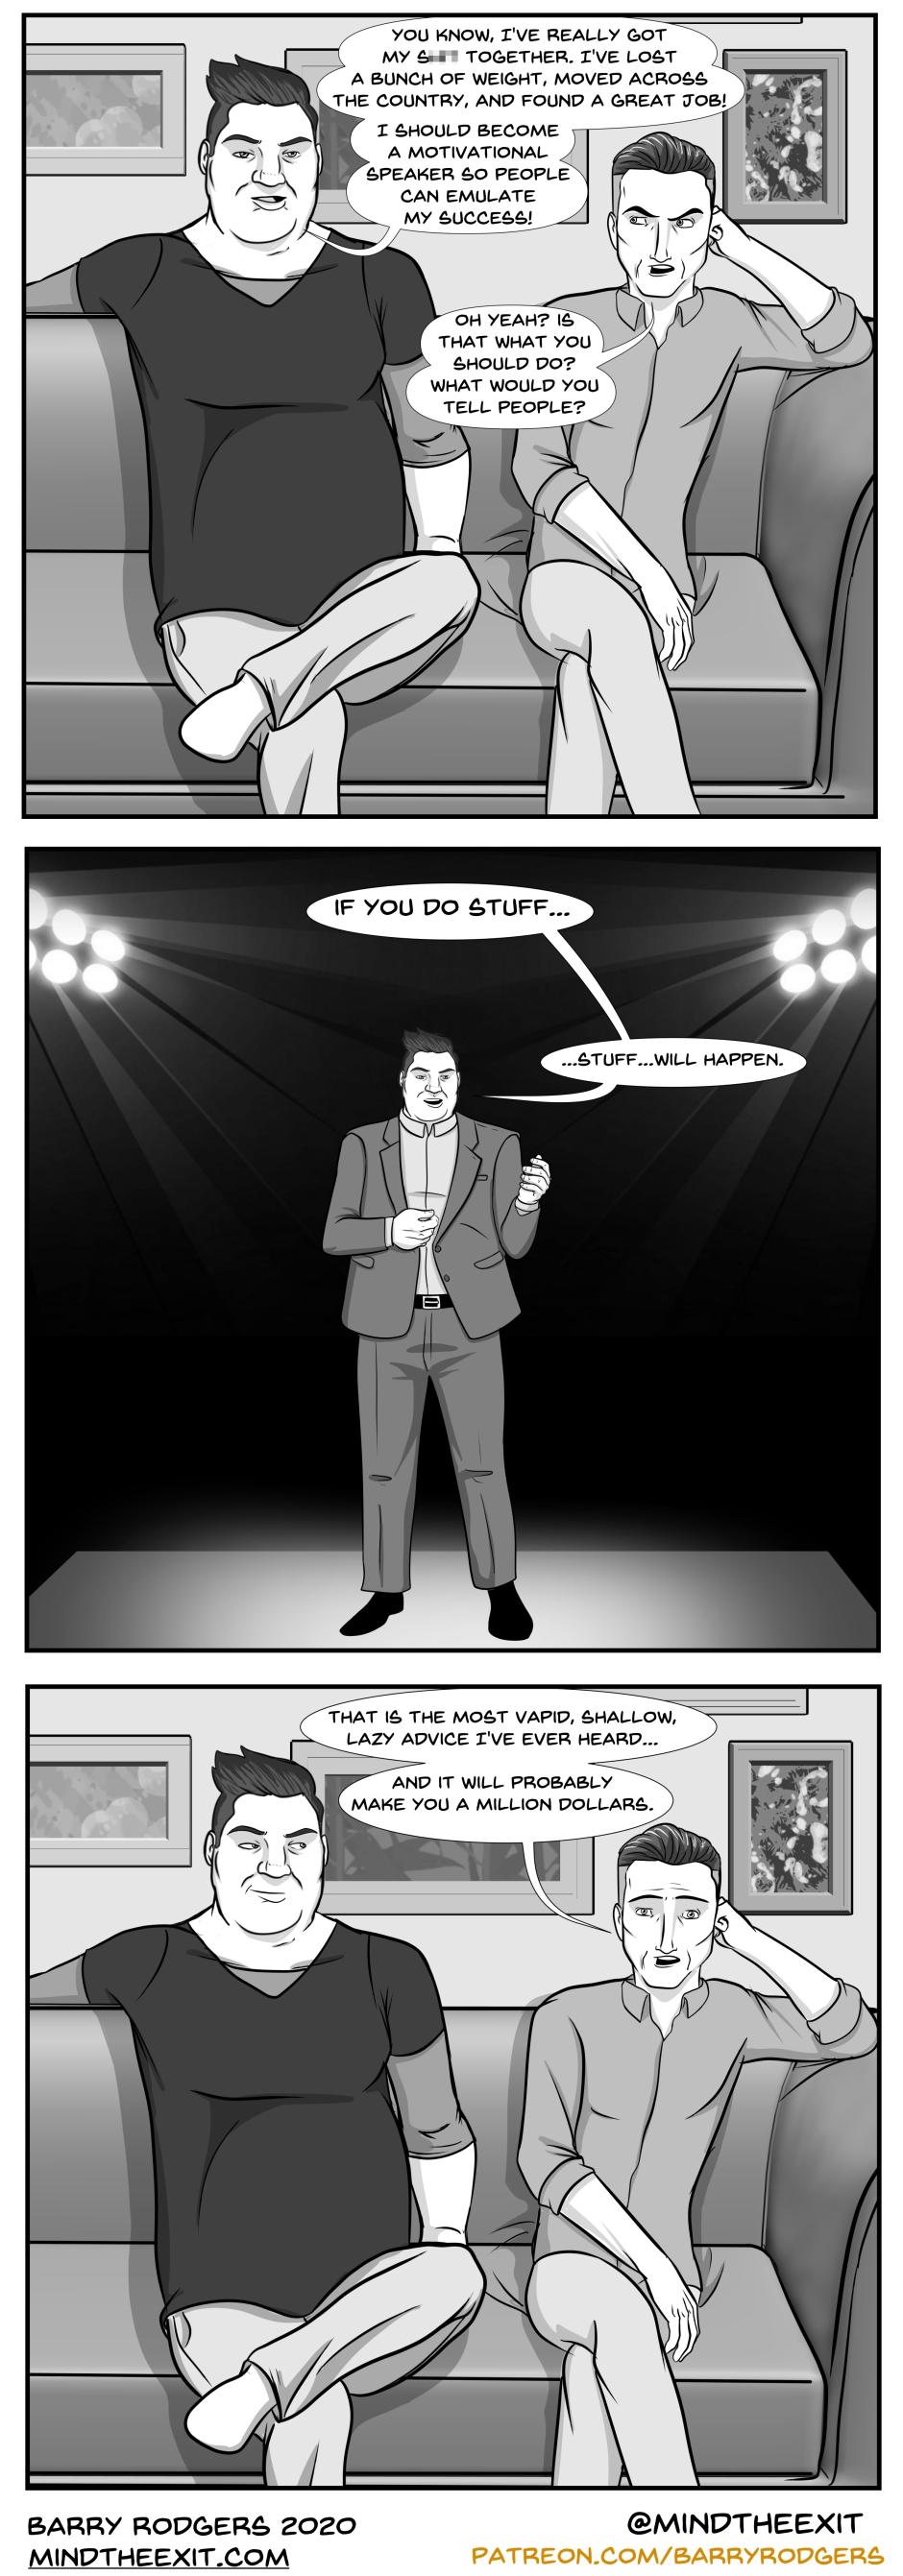 motivational speaker1